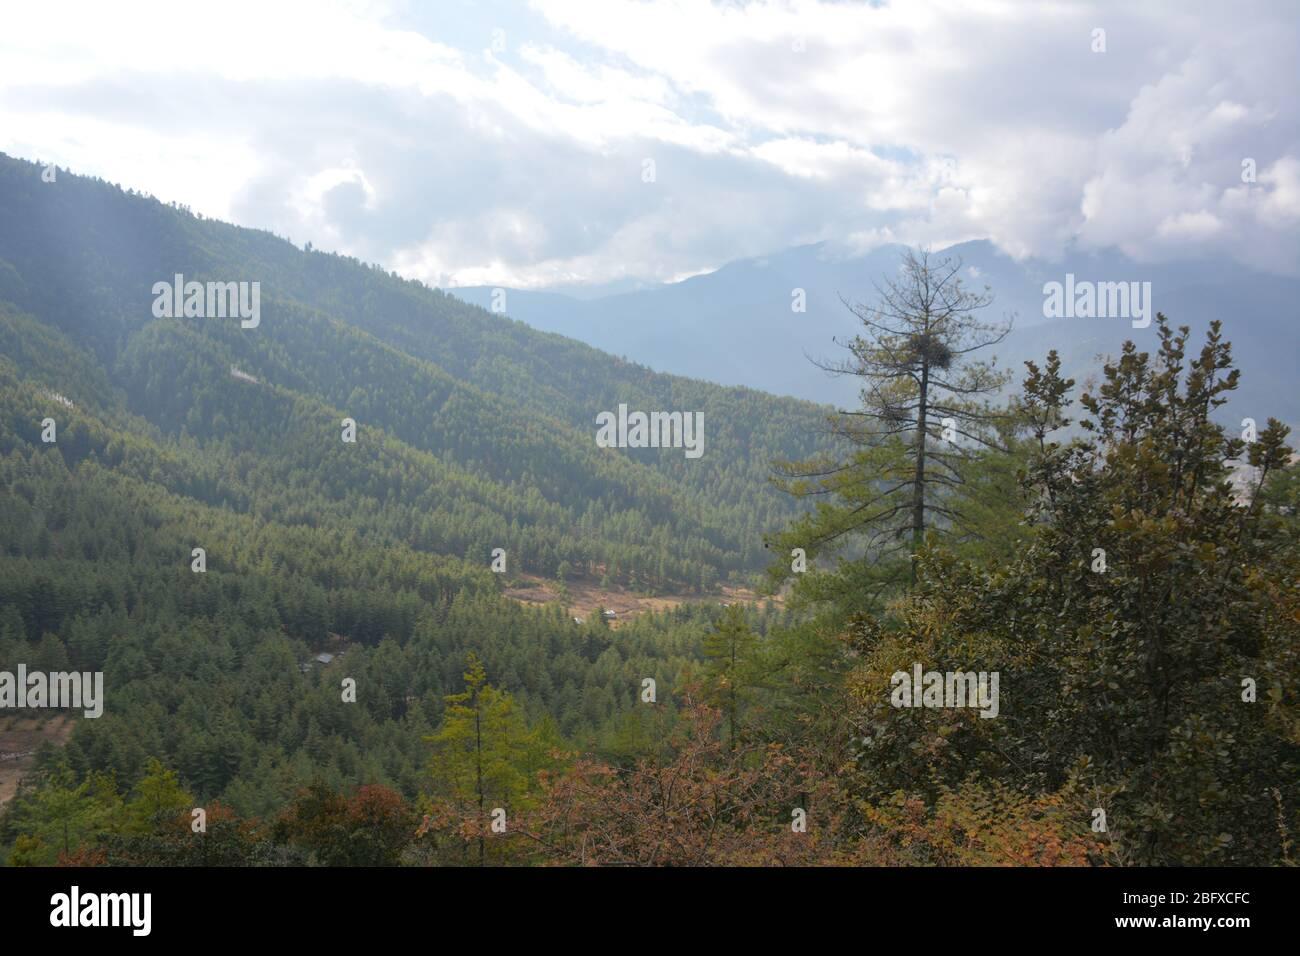 Die Wanderung zum Tiger's Nest Kloster (auch bekannt als der Taktsang Weg nach Paro Taktsang) ist Bhutans beliebteste Touristenattraktion. Stockfoto